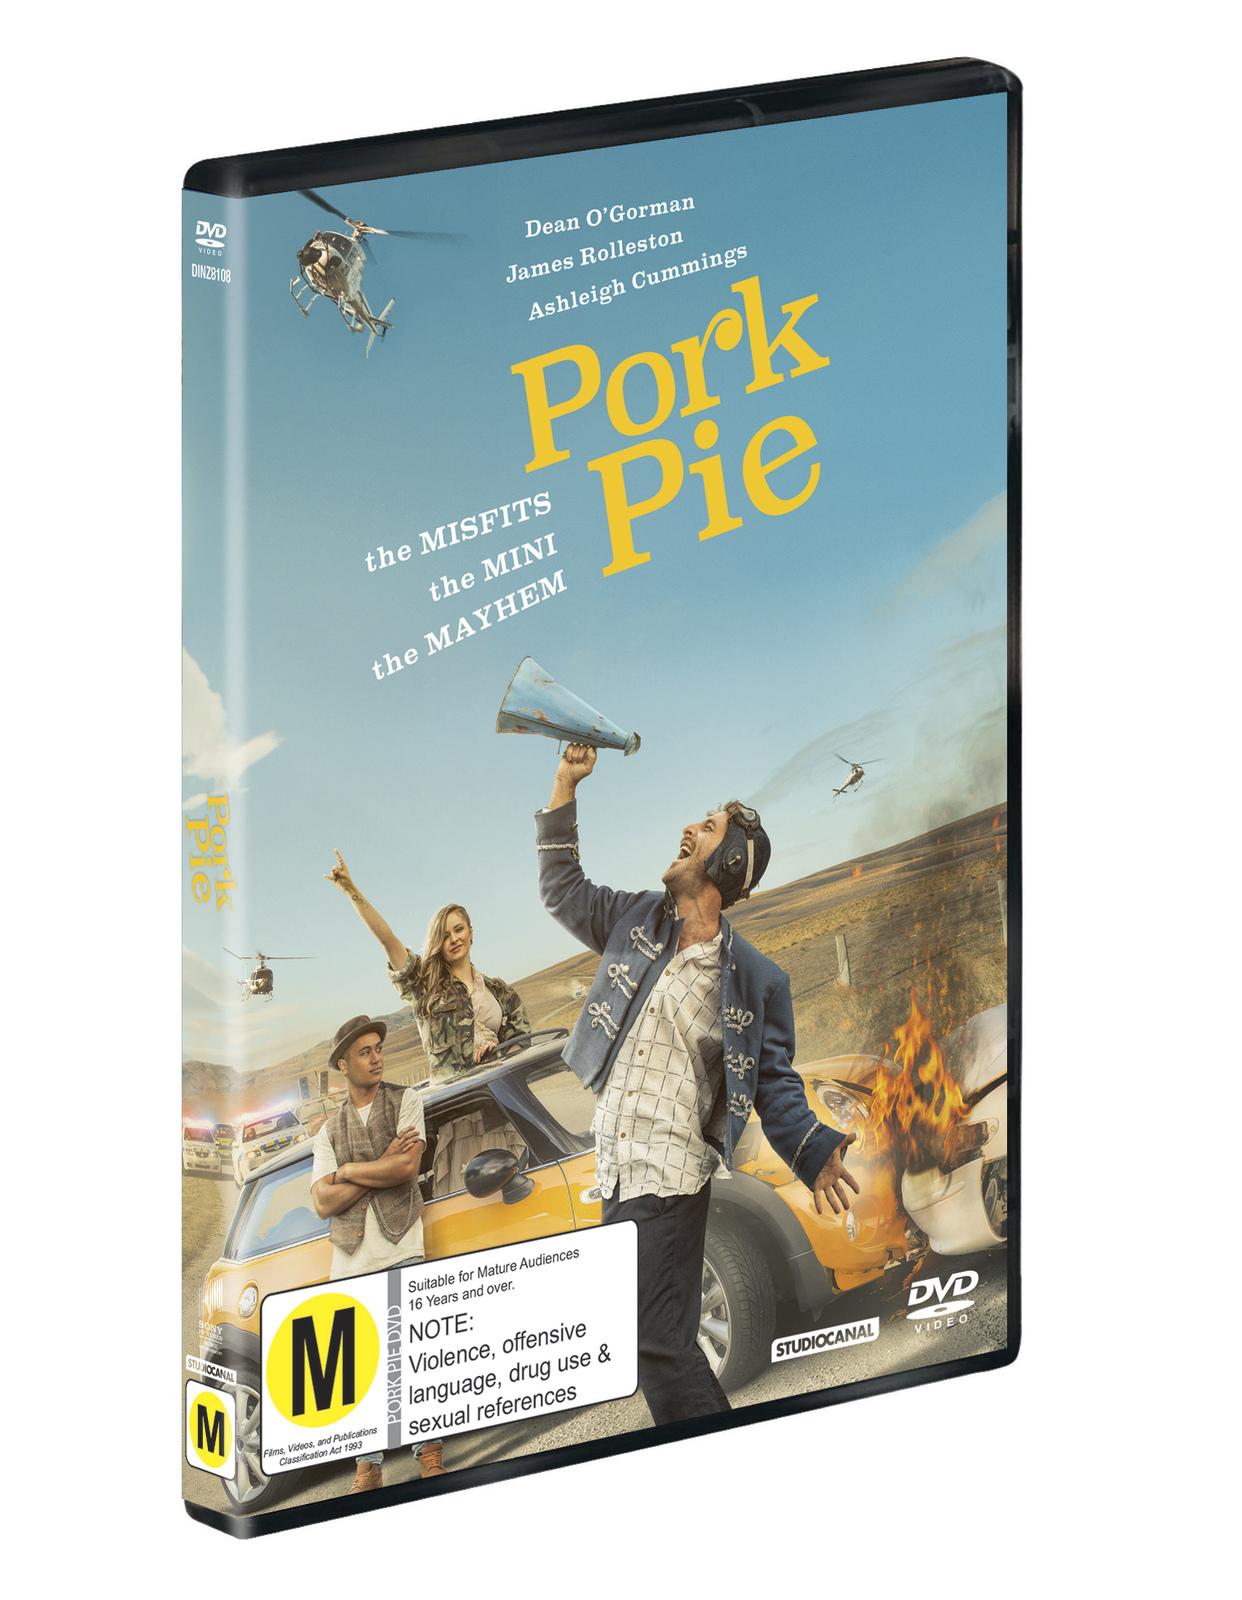 Pork Pie image